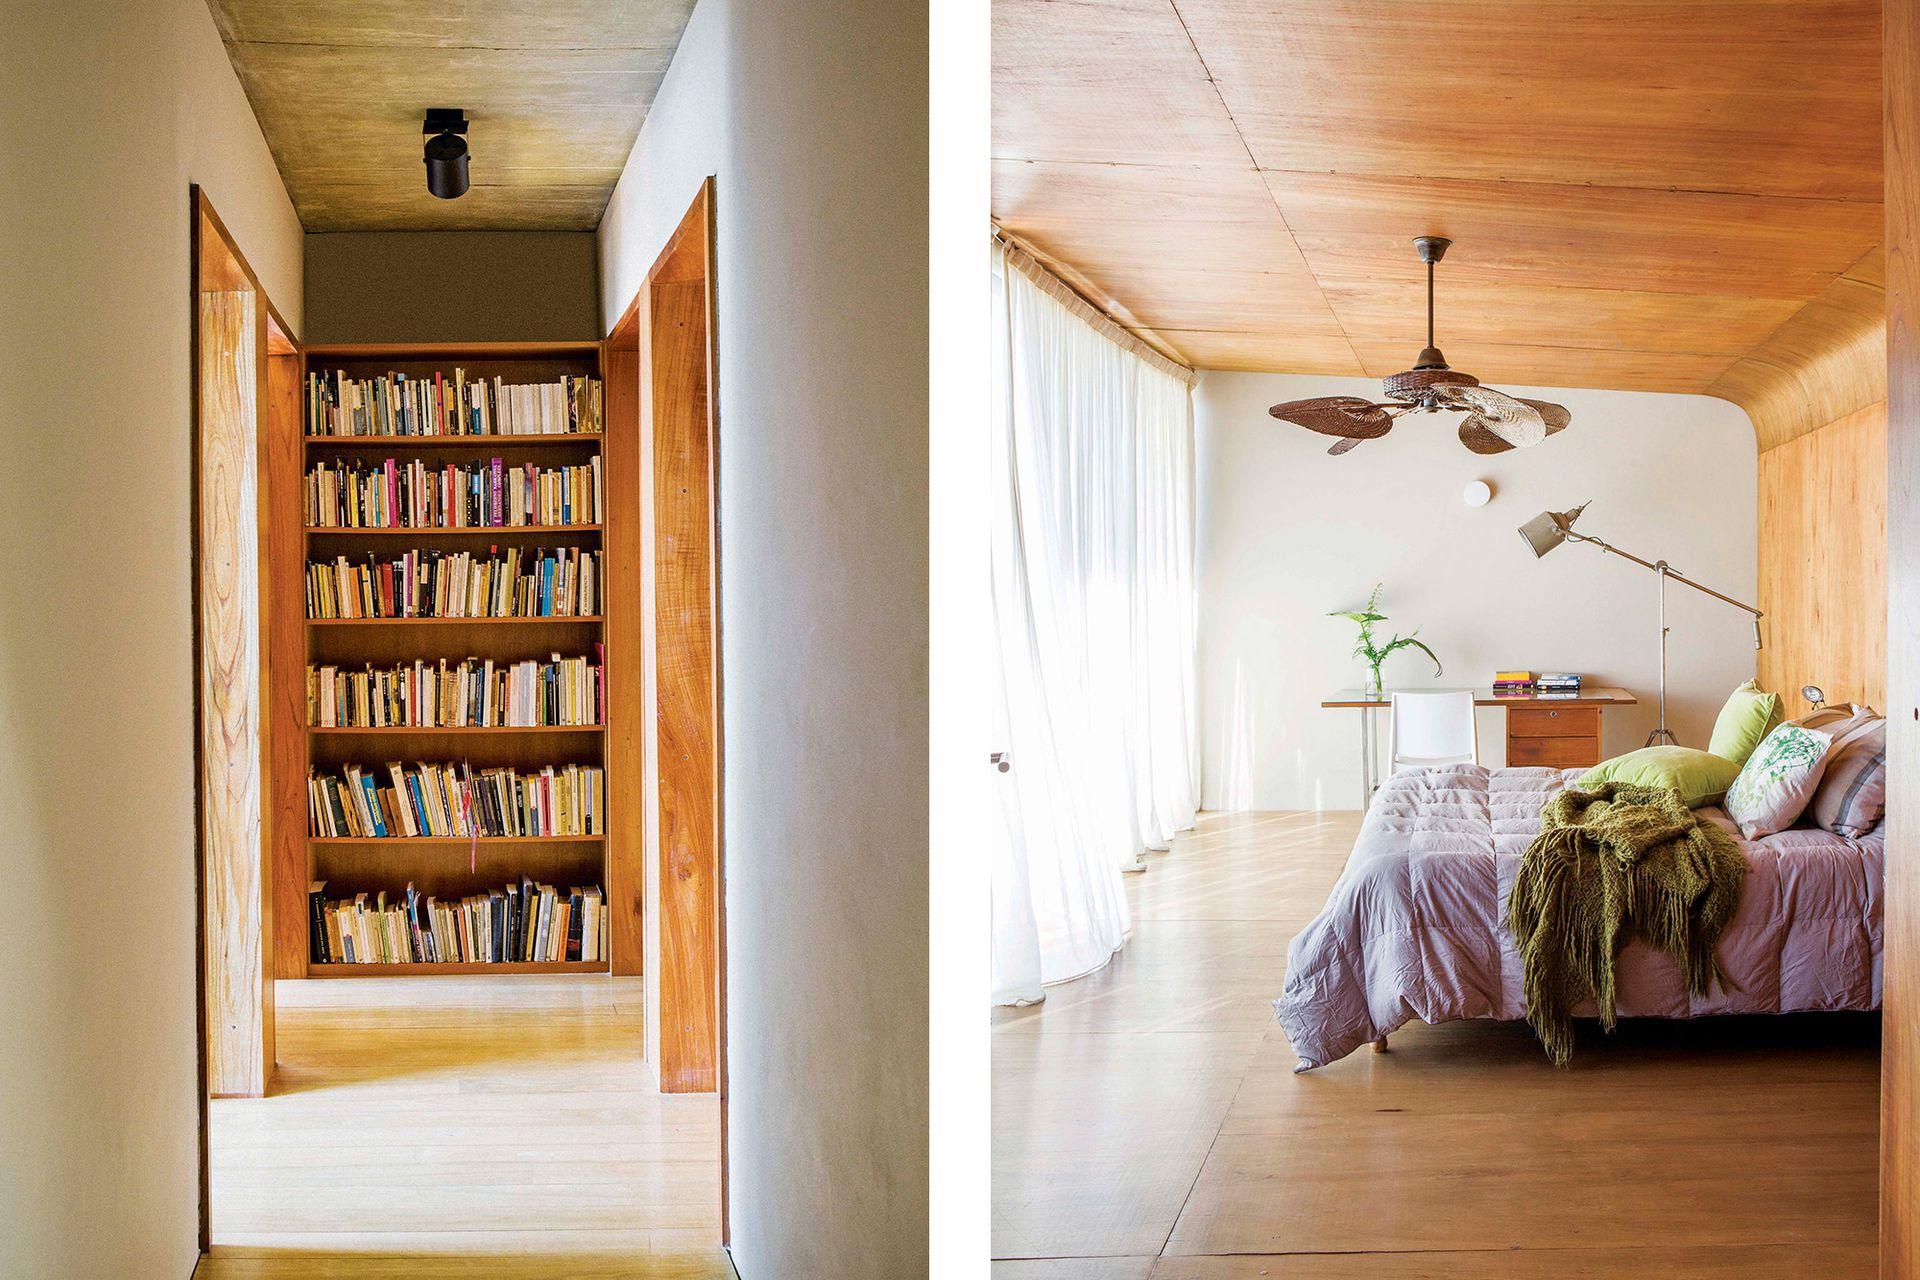 En el pasillo de distribución del último piso, una biblioteca de madera aporta calidez y profundidad a la perspectiva.